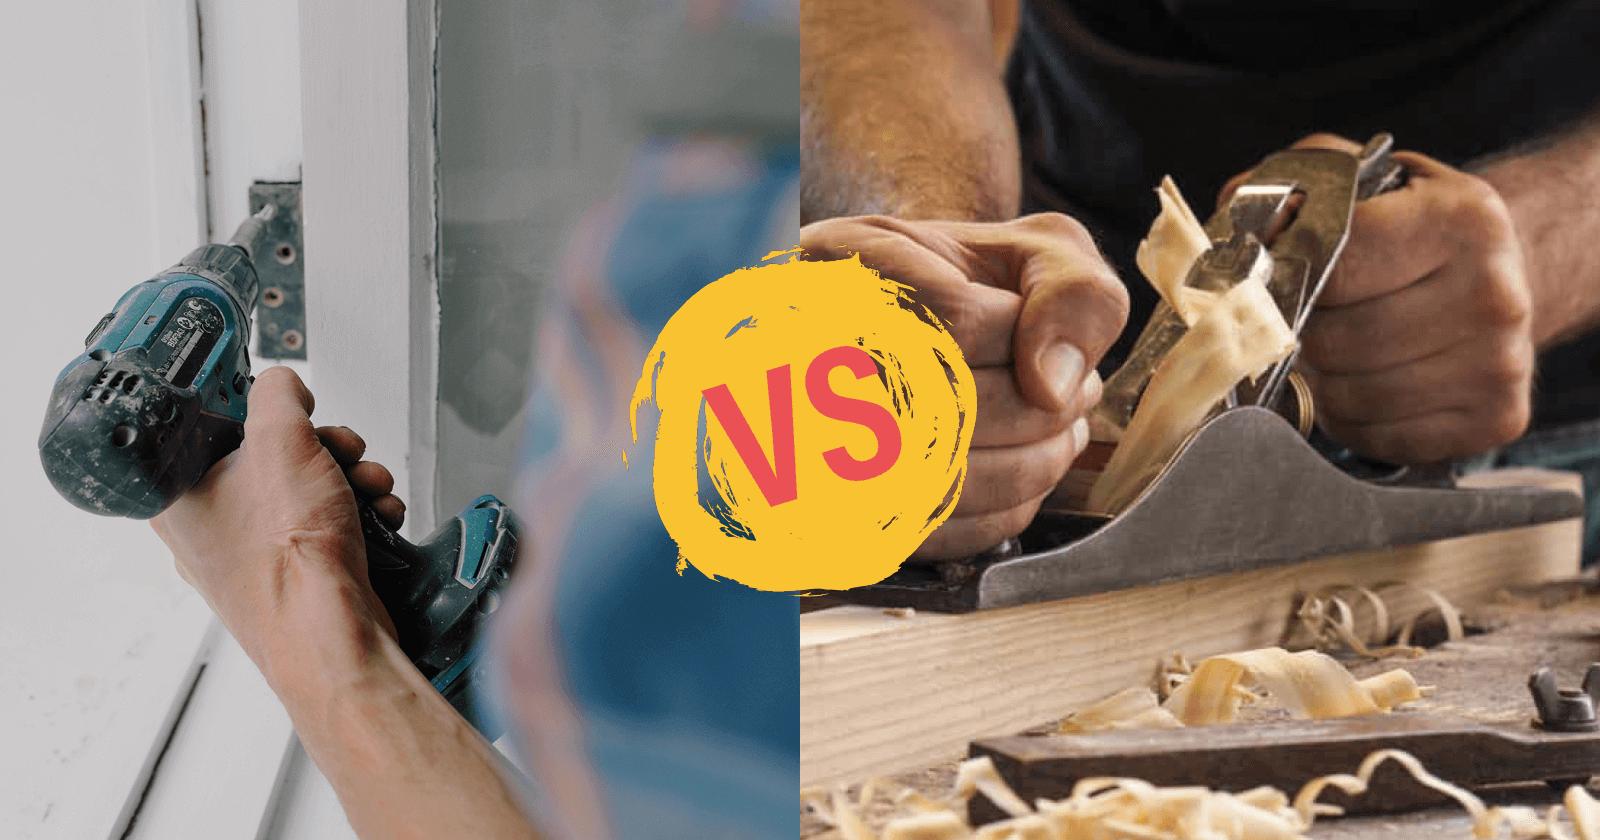 Blog_Joiner vs Carpenter_header